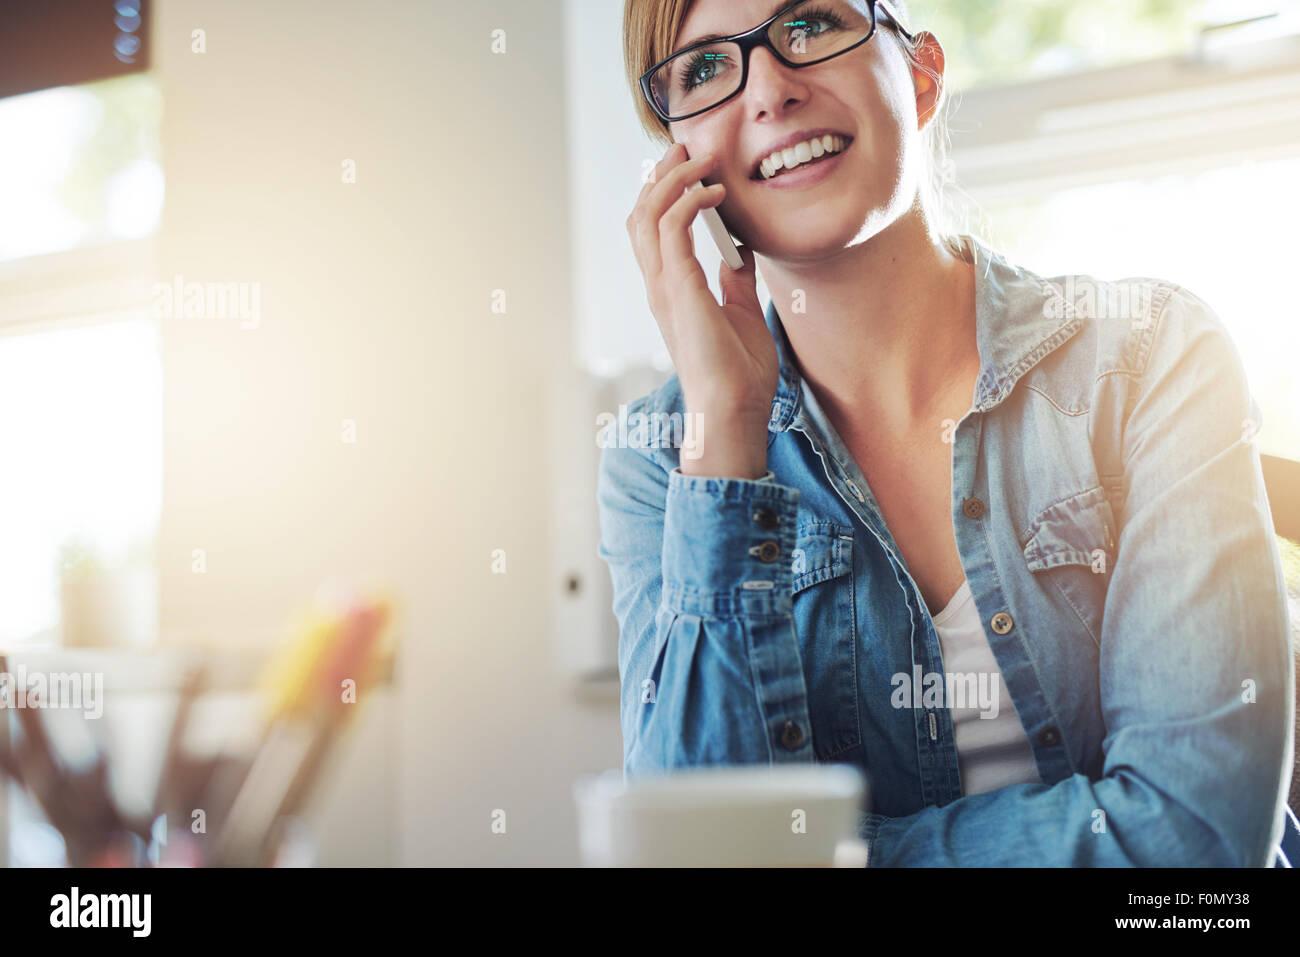 Cerrar Oficina Joven Mujer hablando a alguien en su teléfono móvil mientras se mira a la distancia con Imagen De Stock